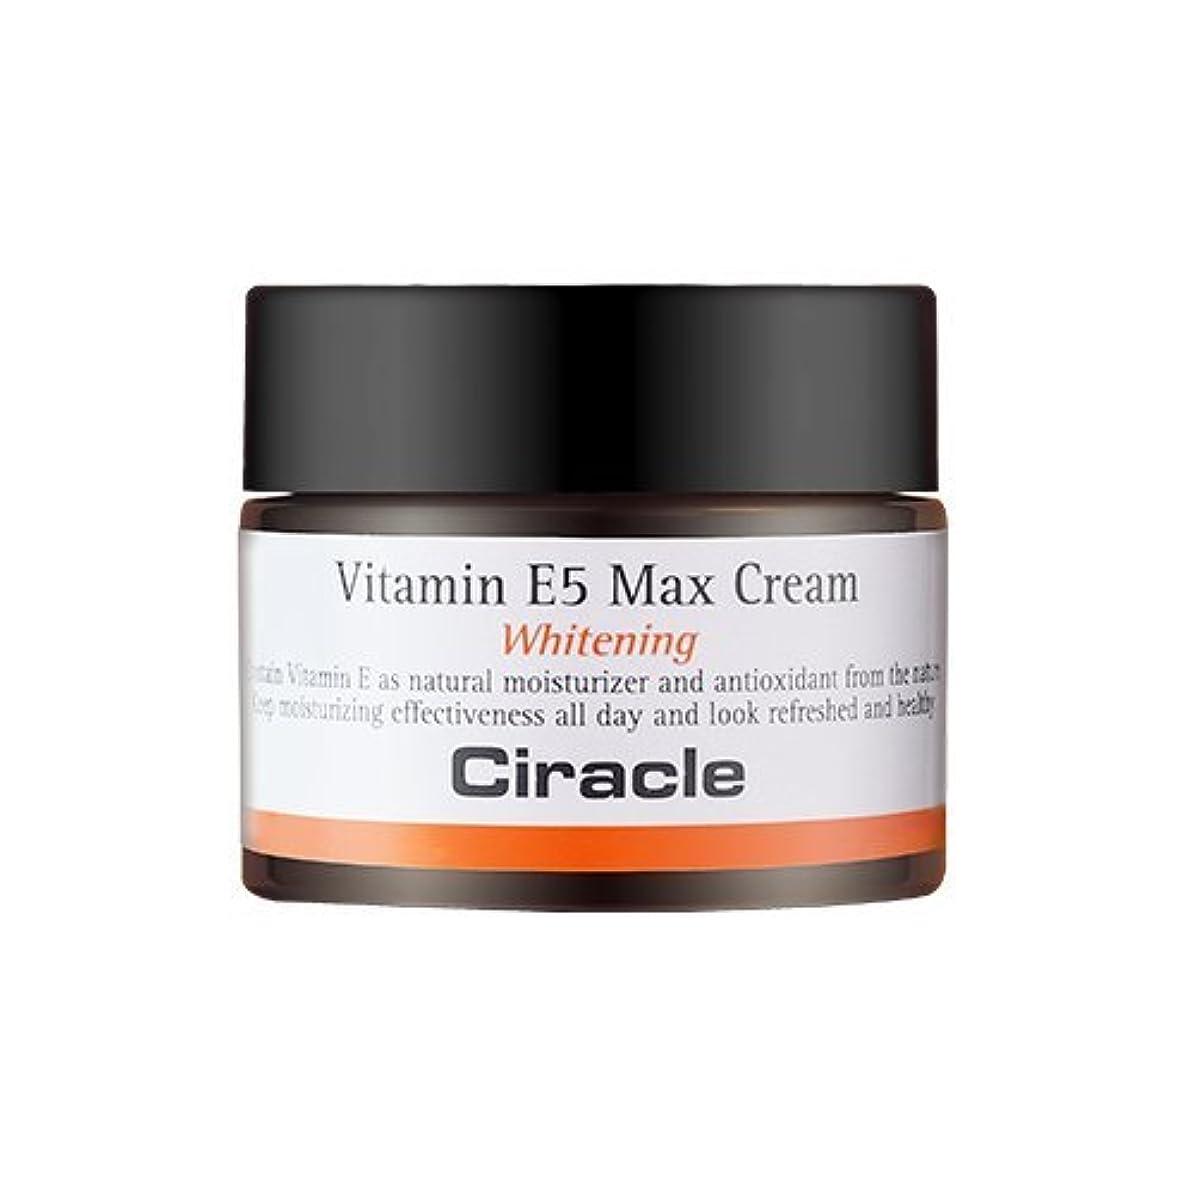 テメリティ北東マーケティングCiracle Vitamin E5 Max Cream シラクル ビタミンE5 マックス クリーム 50ml [並行輸入品]